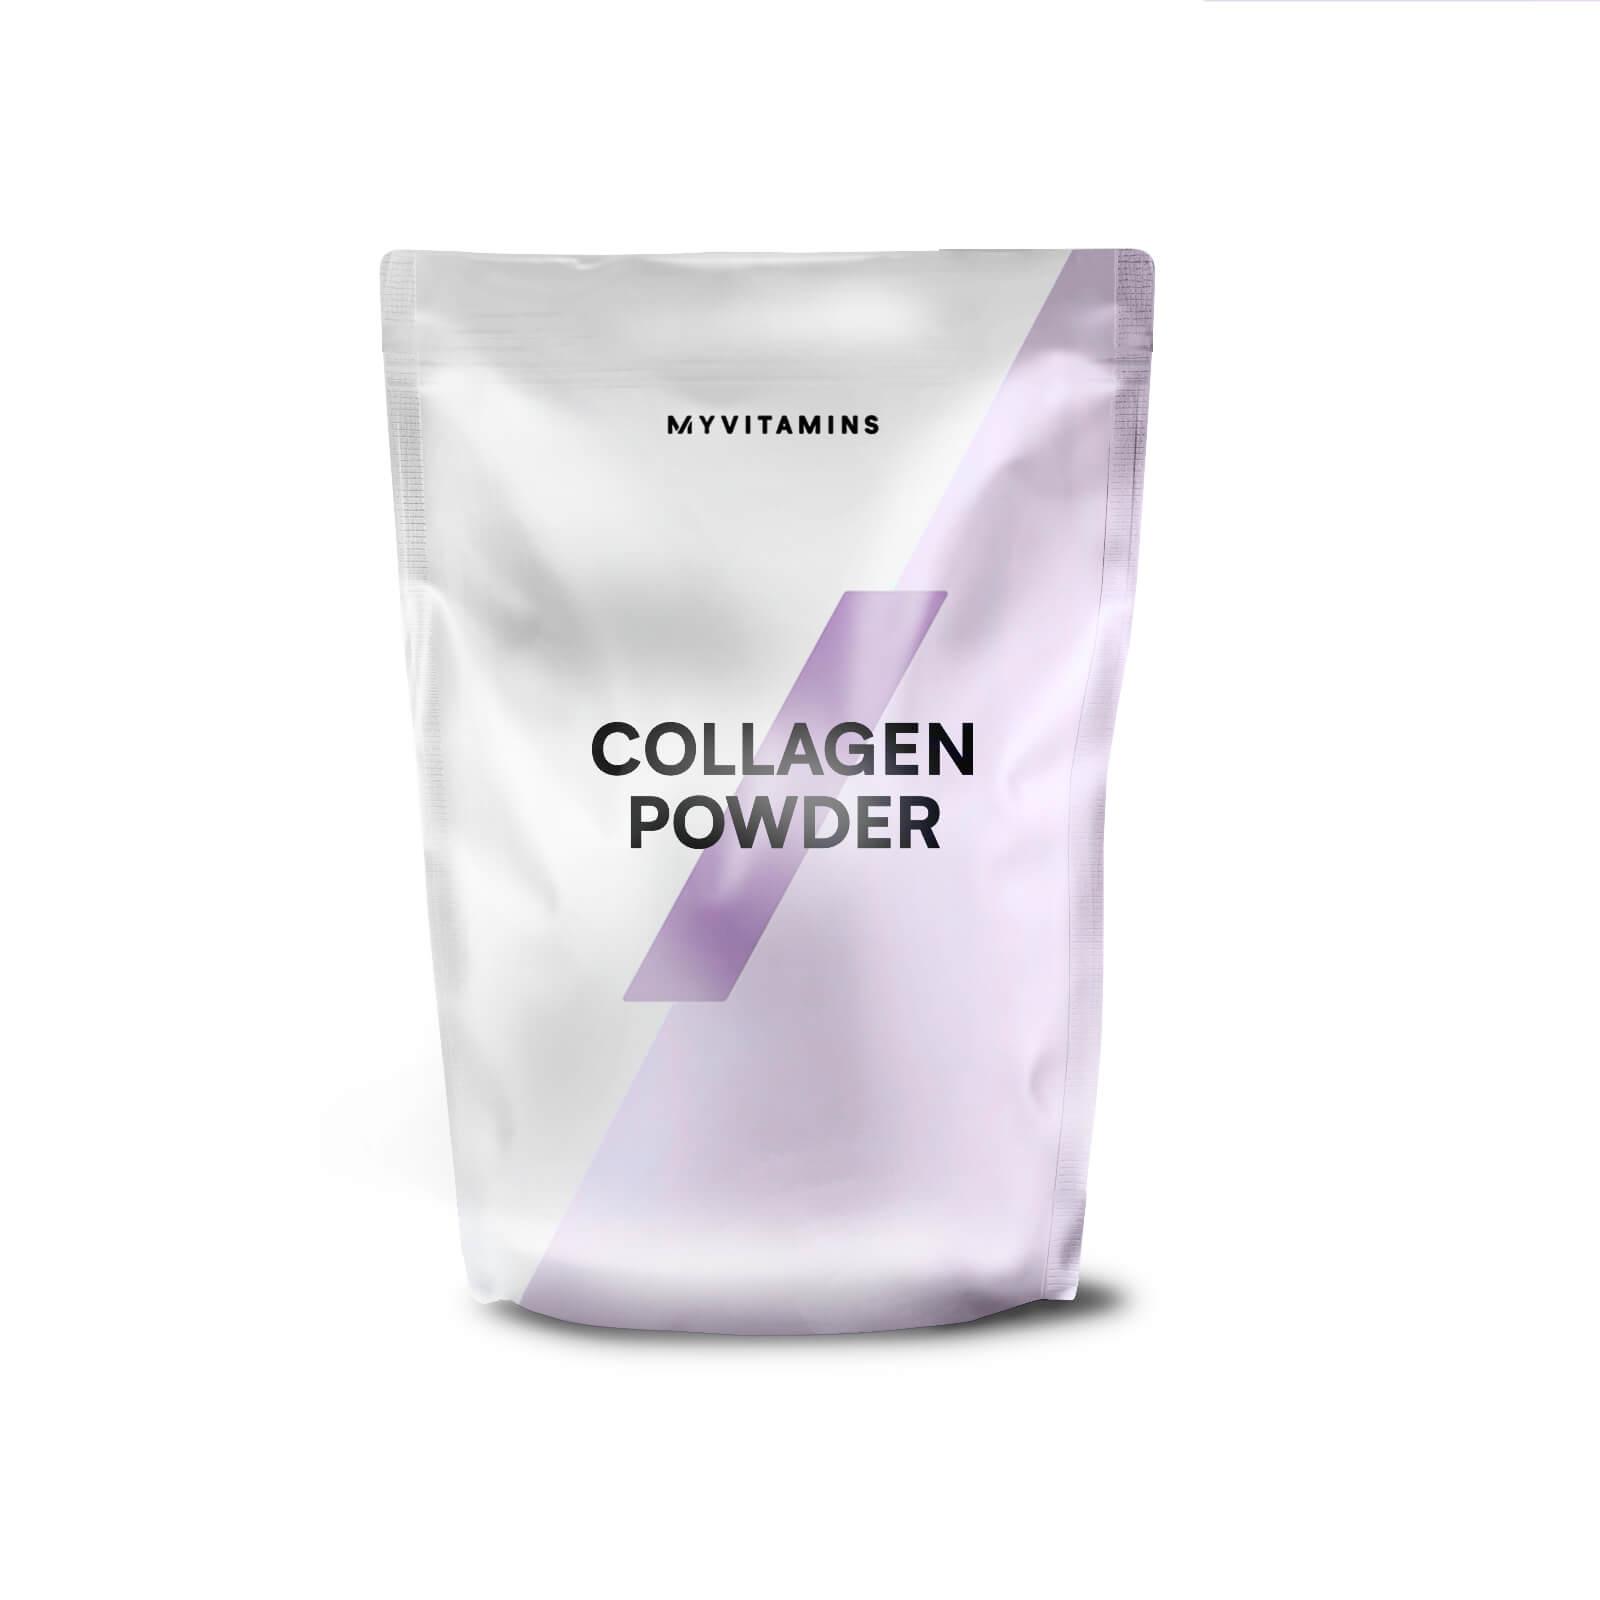 Myvitamins Collagen Powder - 250g - Unflavoured